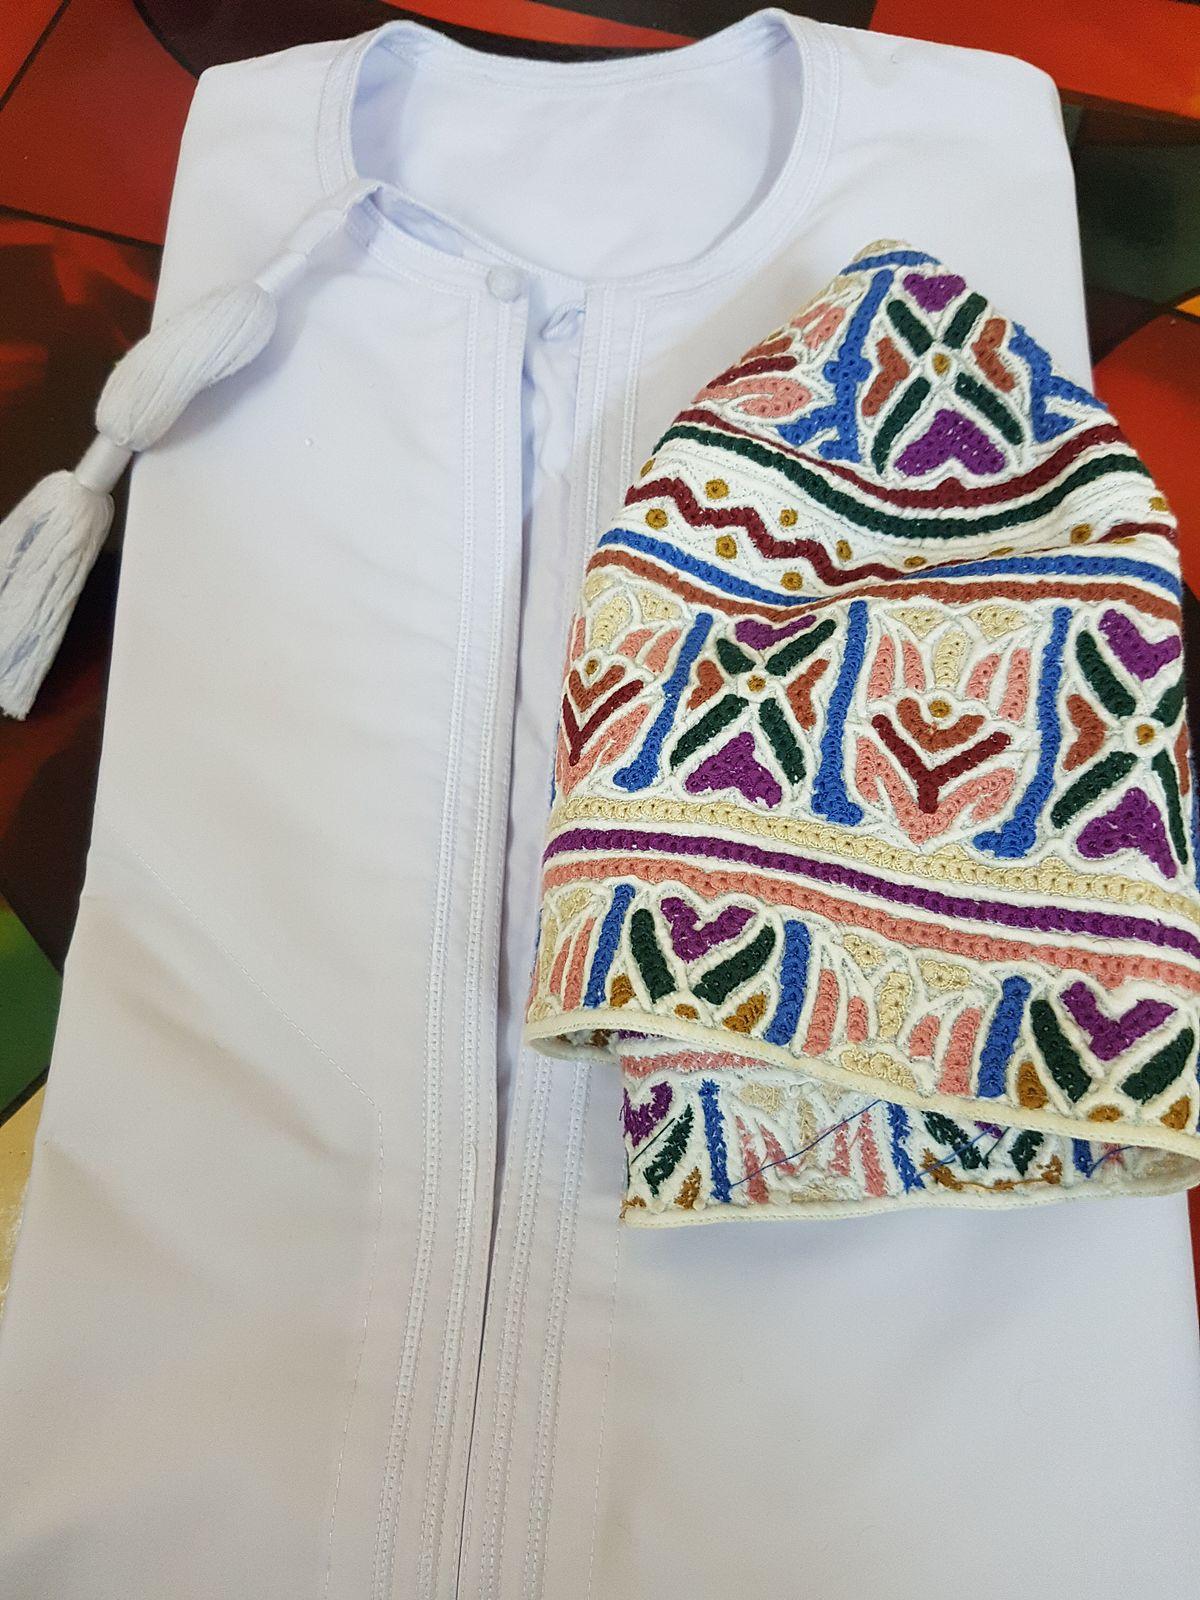 صورة ازياء عمانية مطورة , احدث اللباس العمانى العصرى 2154 2